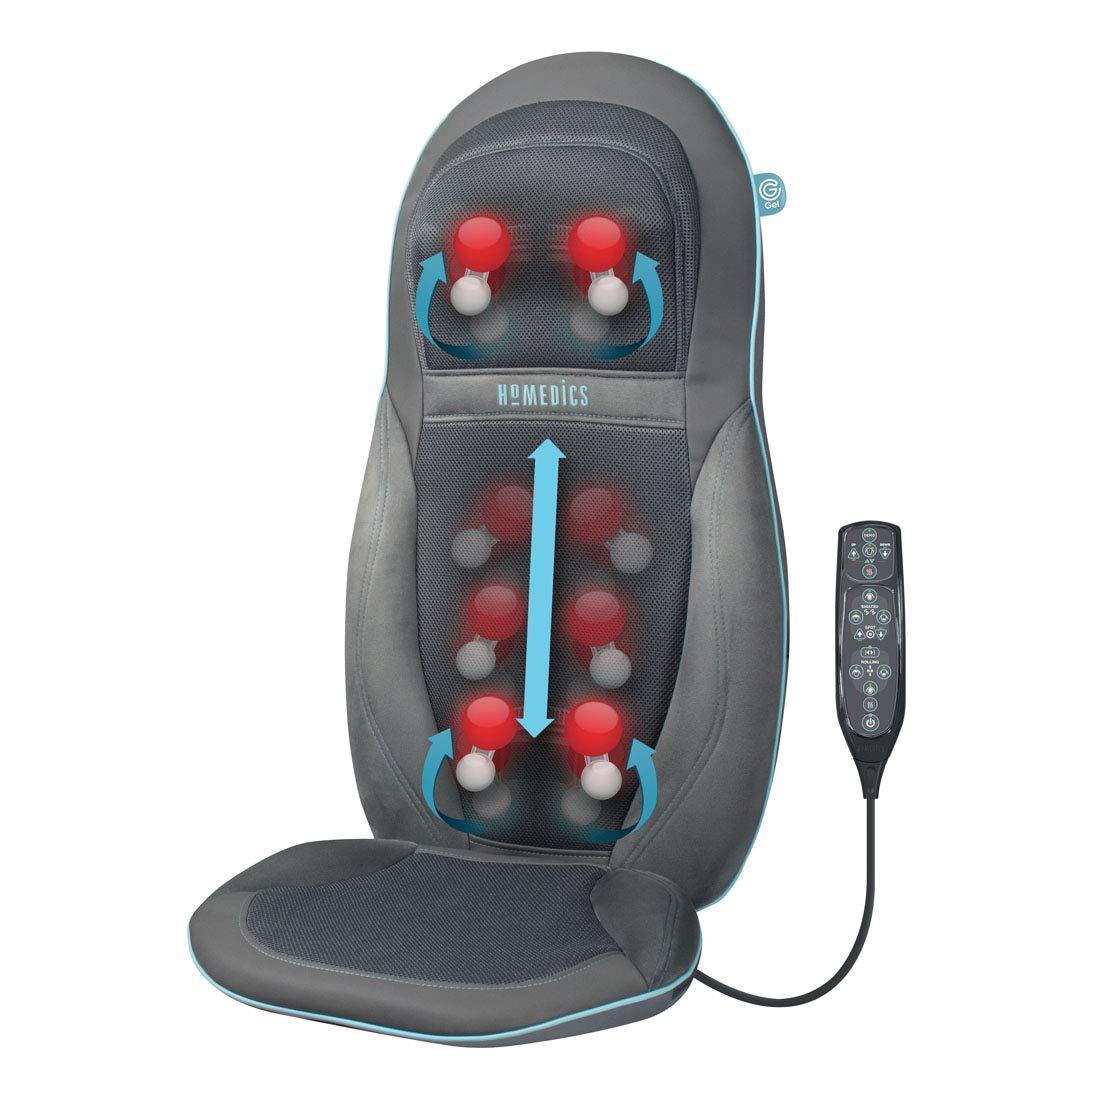 Fauteuil de massage Homedics SGM1600 - 3 vitesses